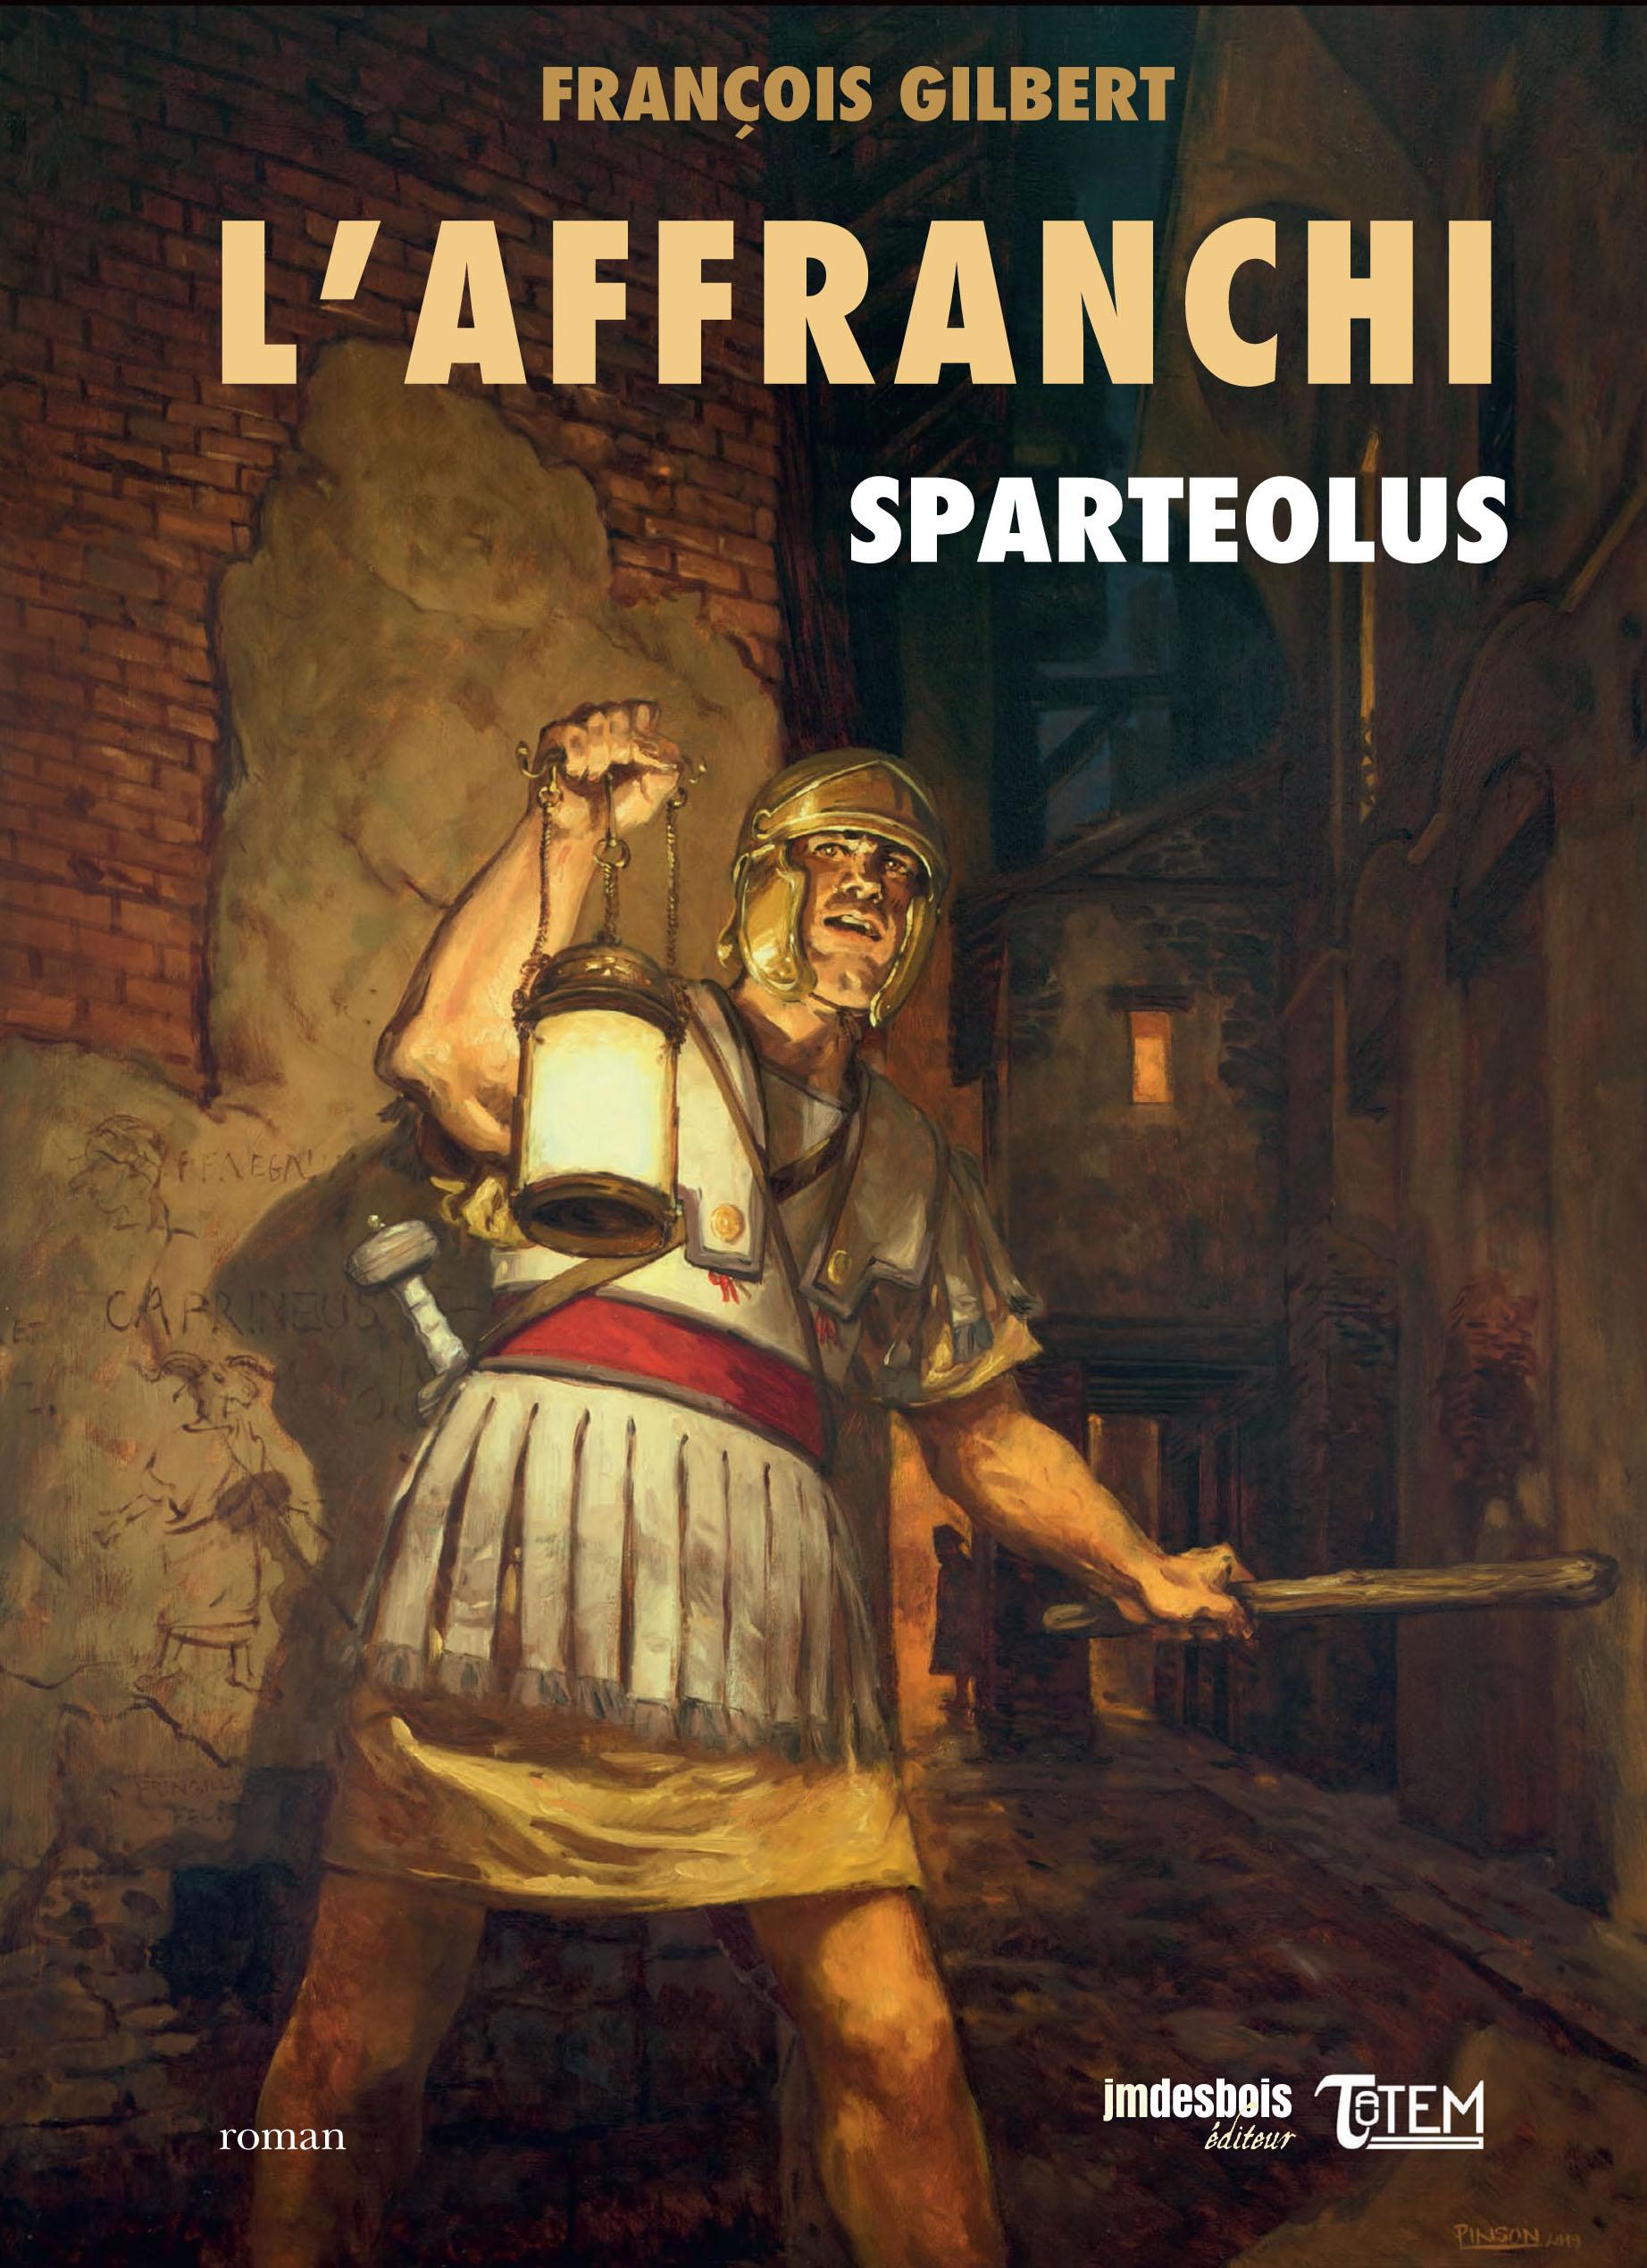 <b>Sparteolus</b>